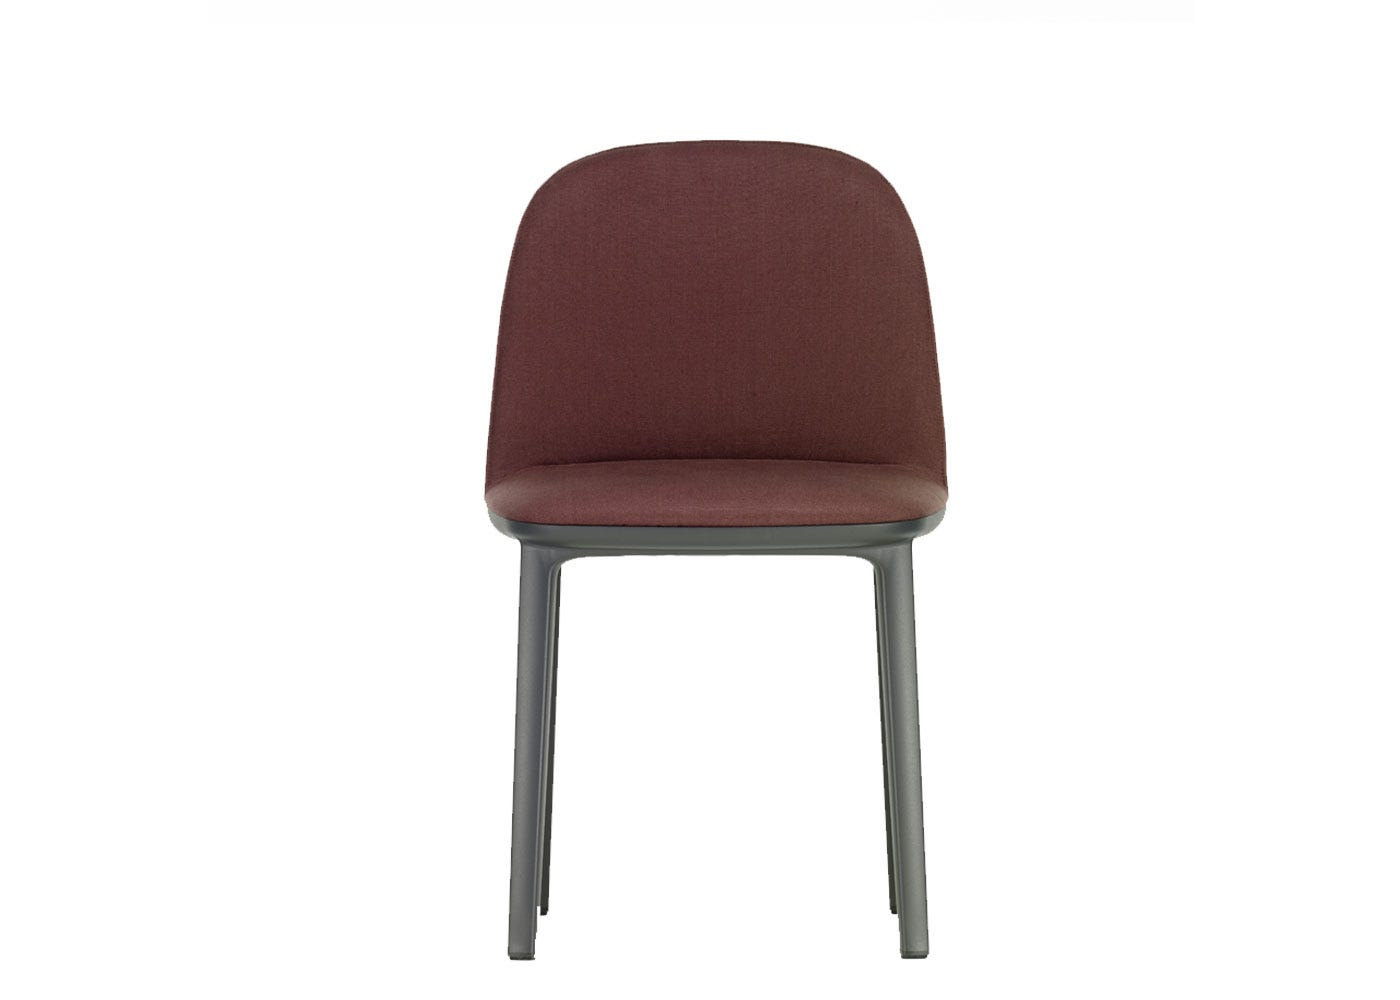 Vitra Softshell Side Chair Basic Base Linho Chestnut